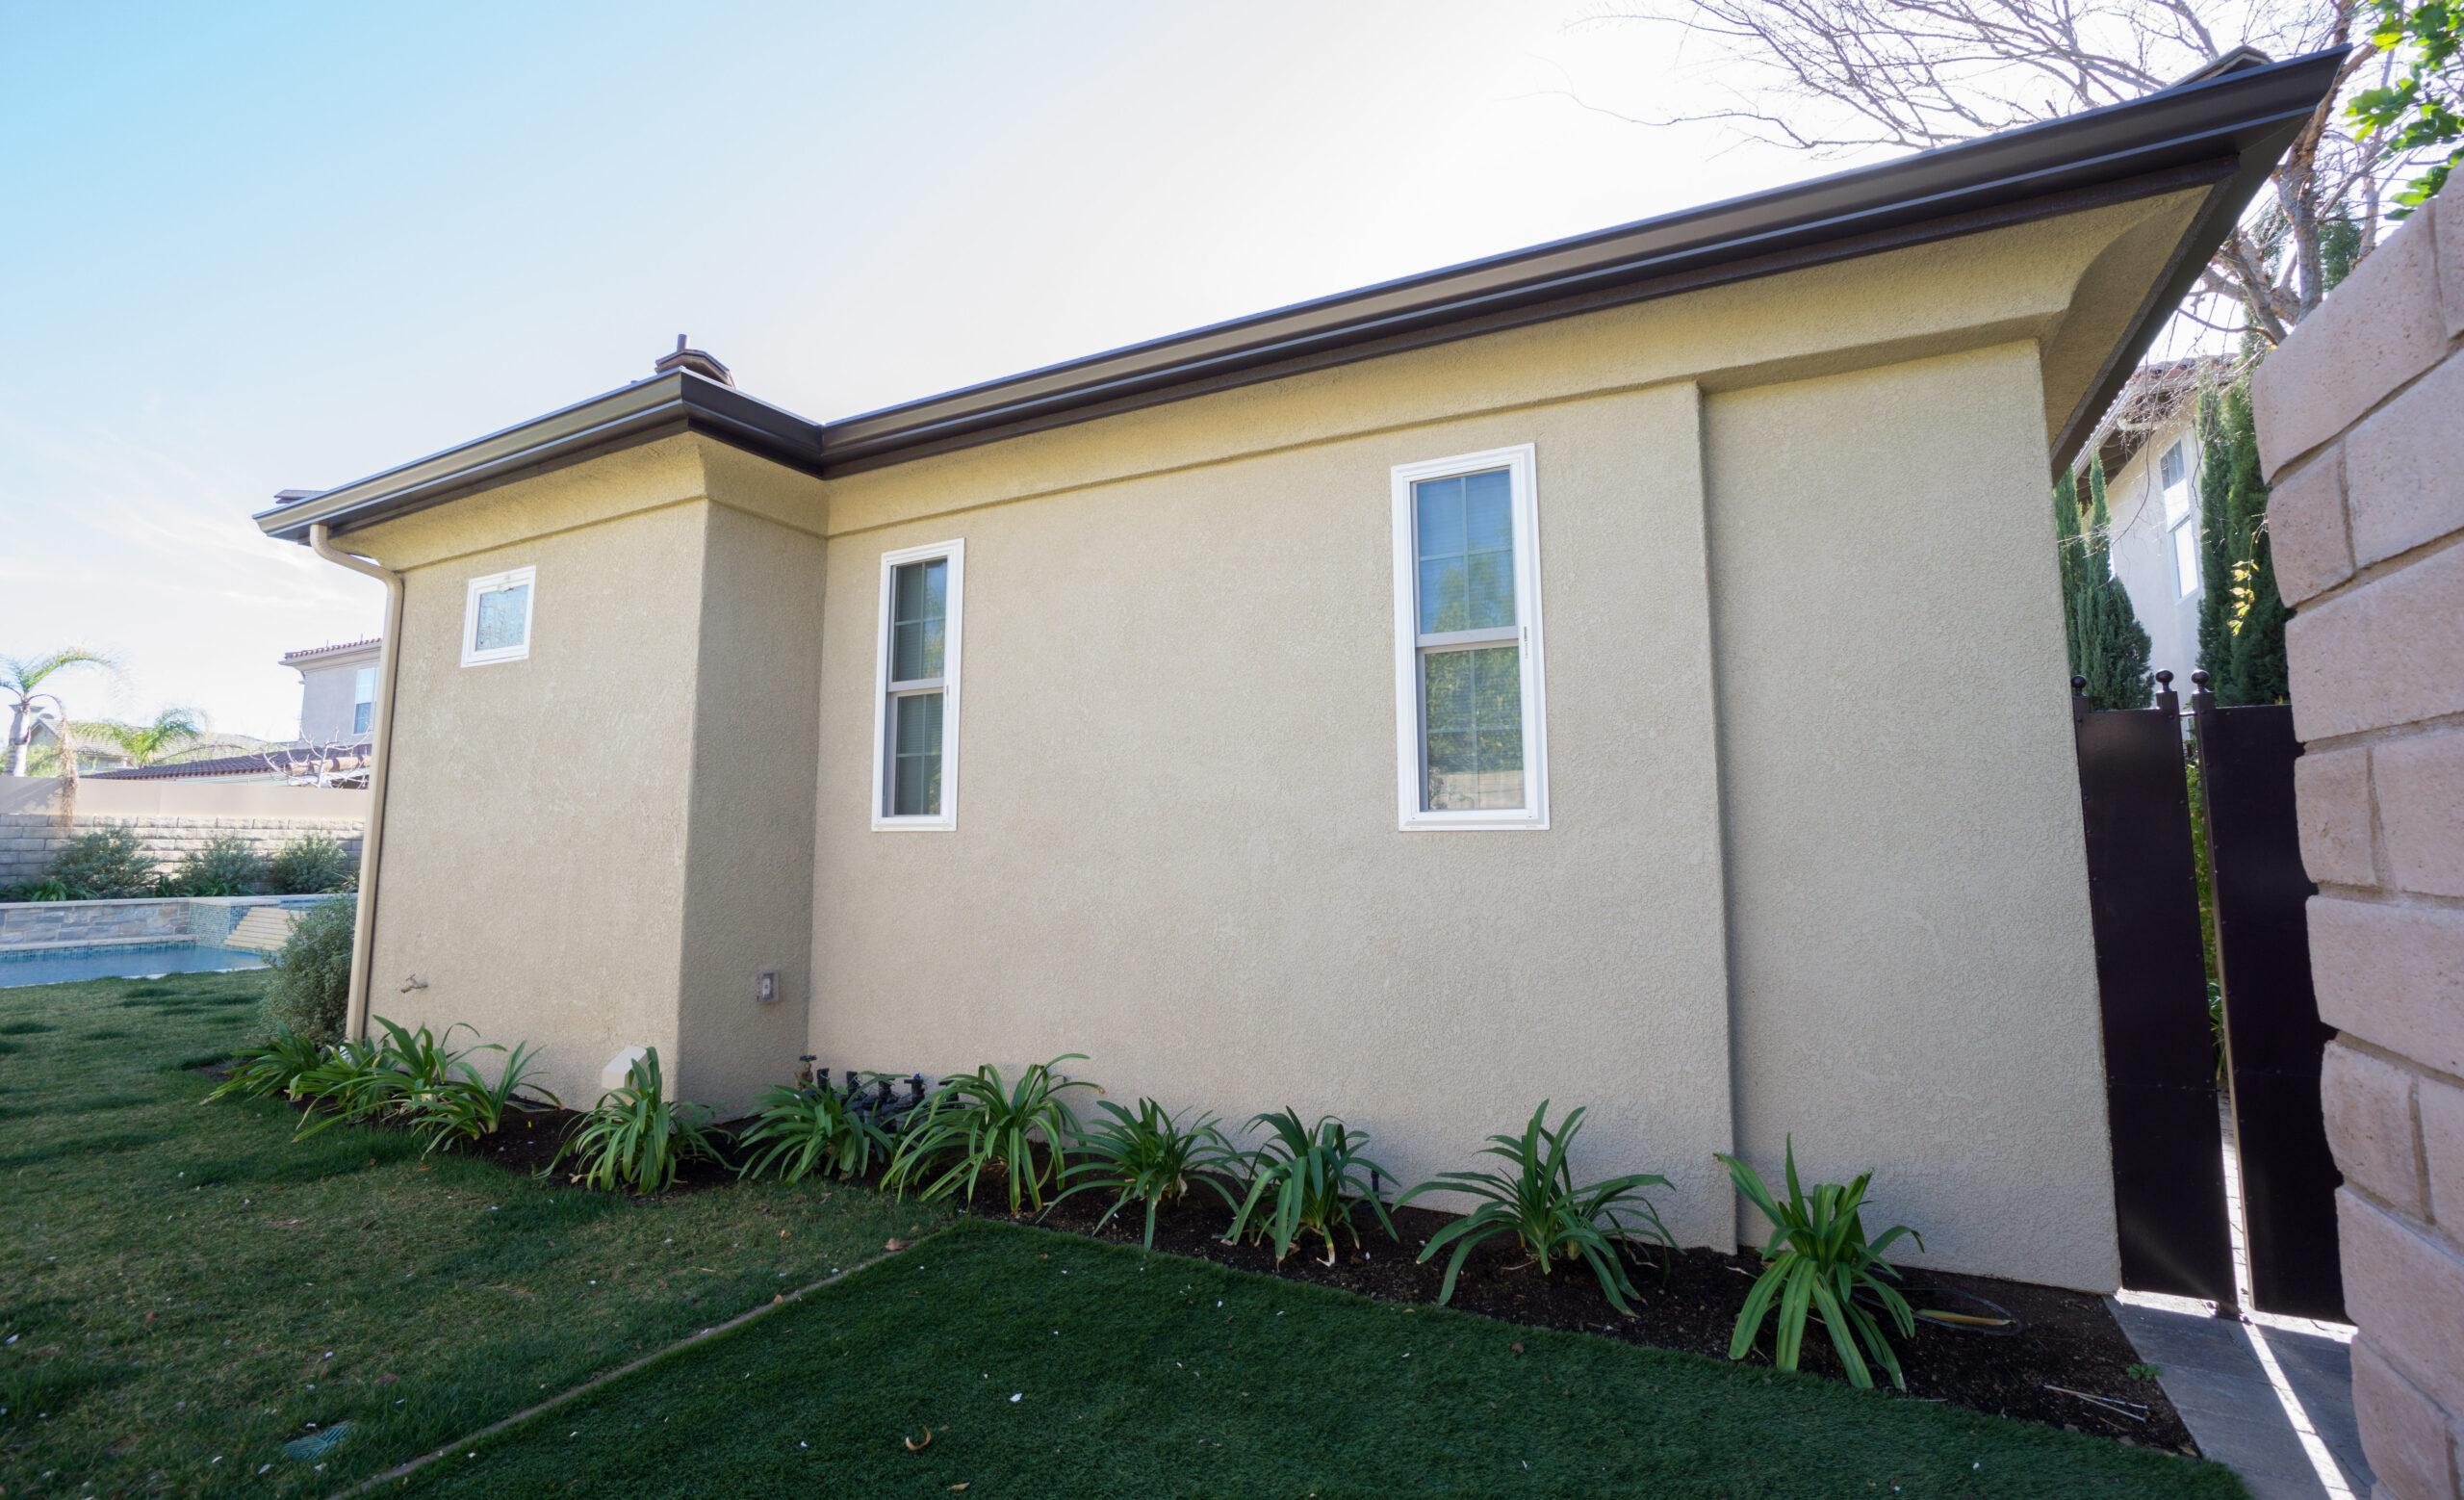 Cadena's ADU/Mother-in-Law Suite